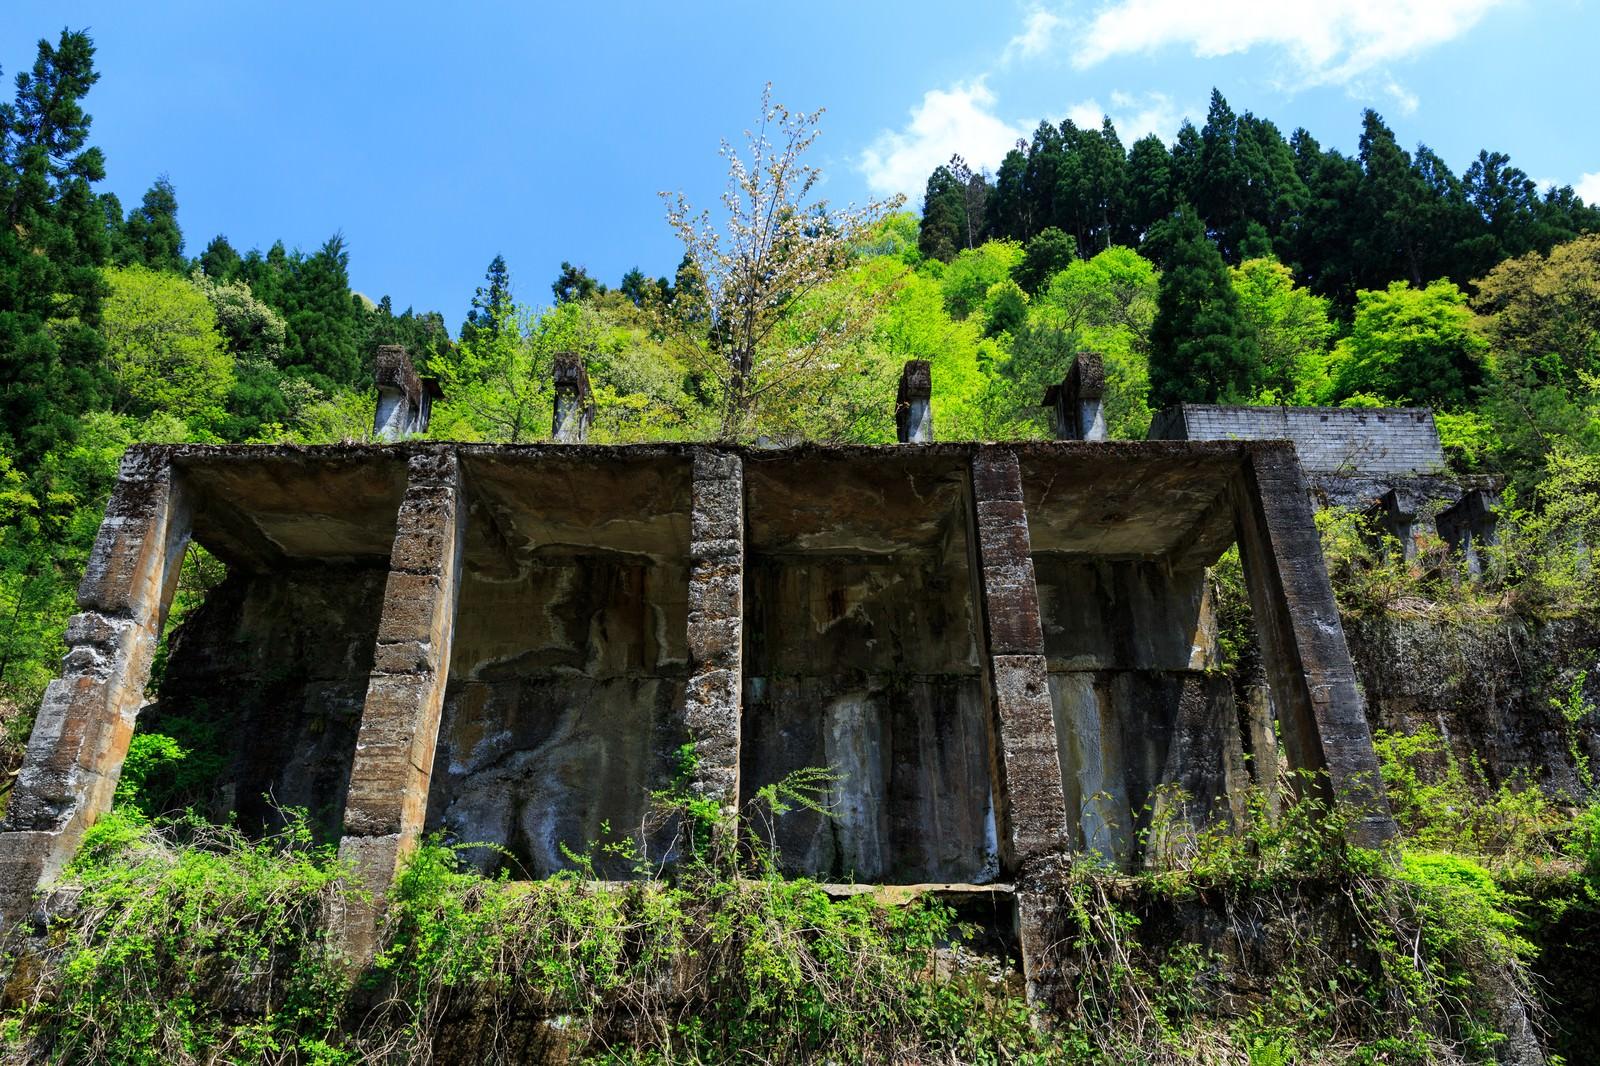 「今にも崩れそうな土倉鉱山跡今にも崩れそうな土倉鉱山跡」のフリー写真素材を拡大